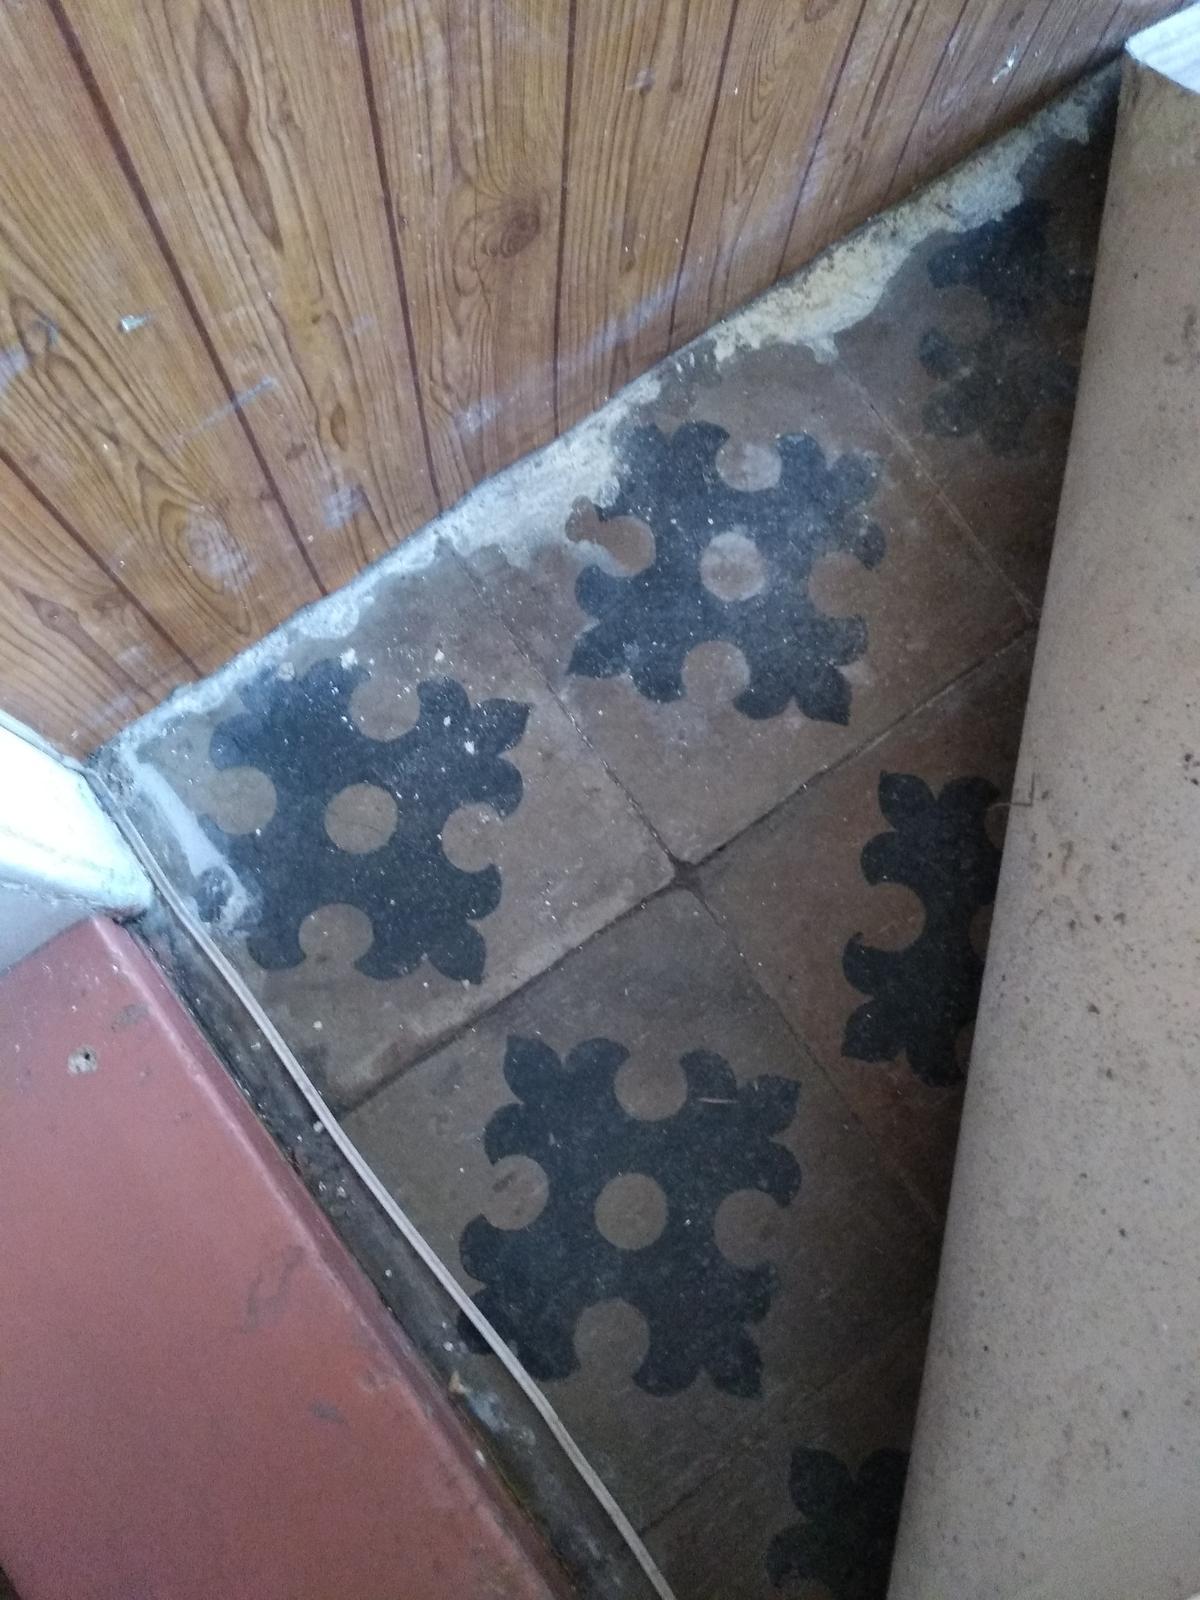 Náš boj - a toto je povodna dlazba v chodbe (momentalne polozena iba na hline). Na jar budeme betonovat podlahu a rada by som tuto dlazbu zrenovovala a zachovala :)